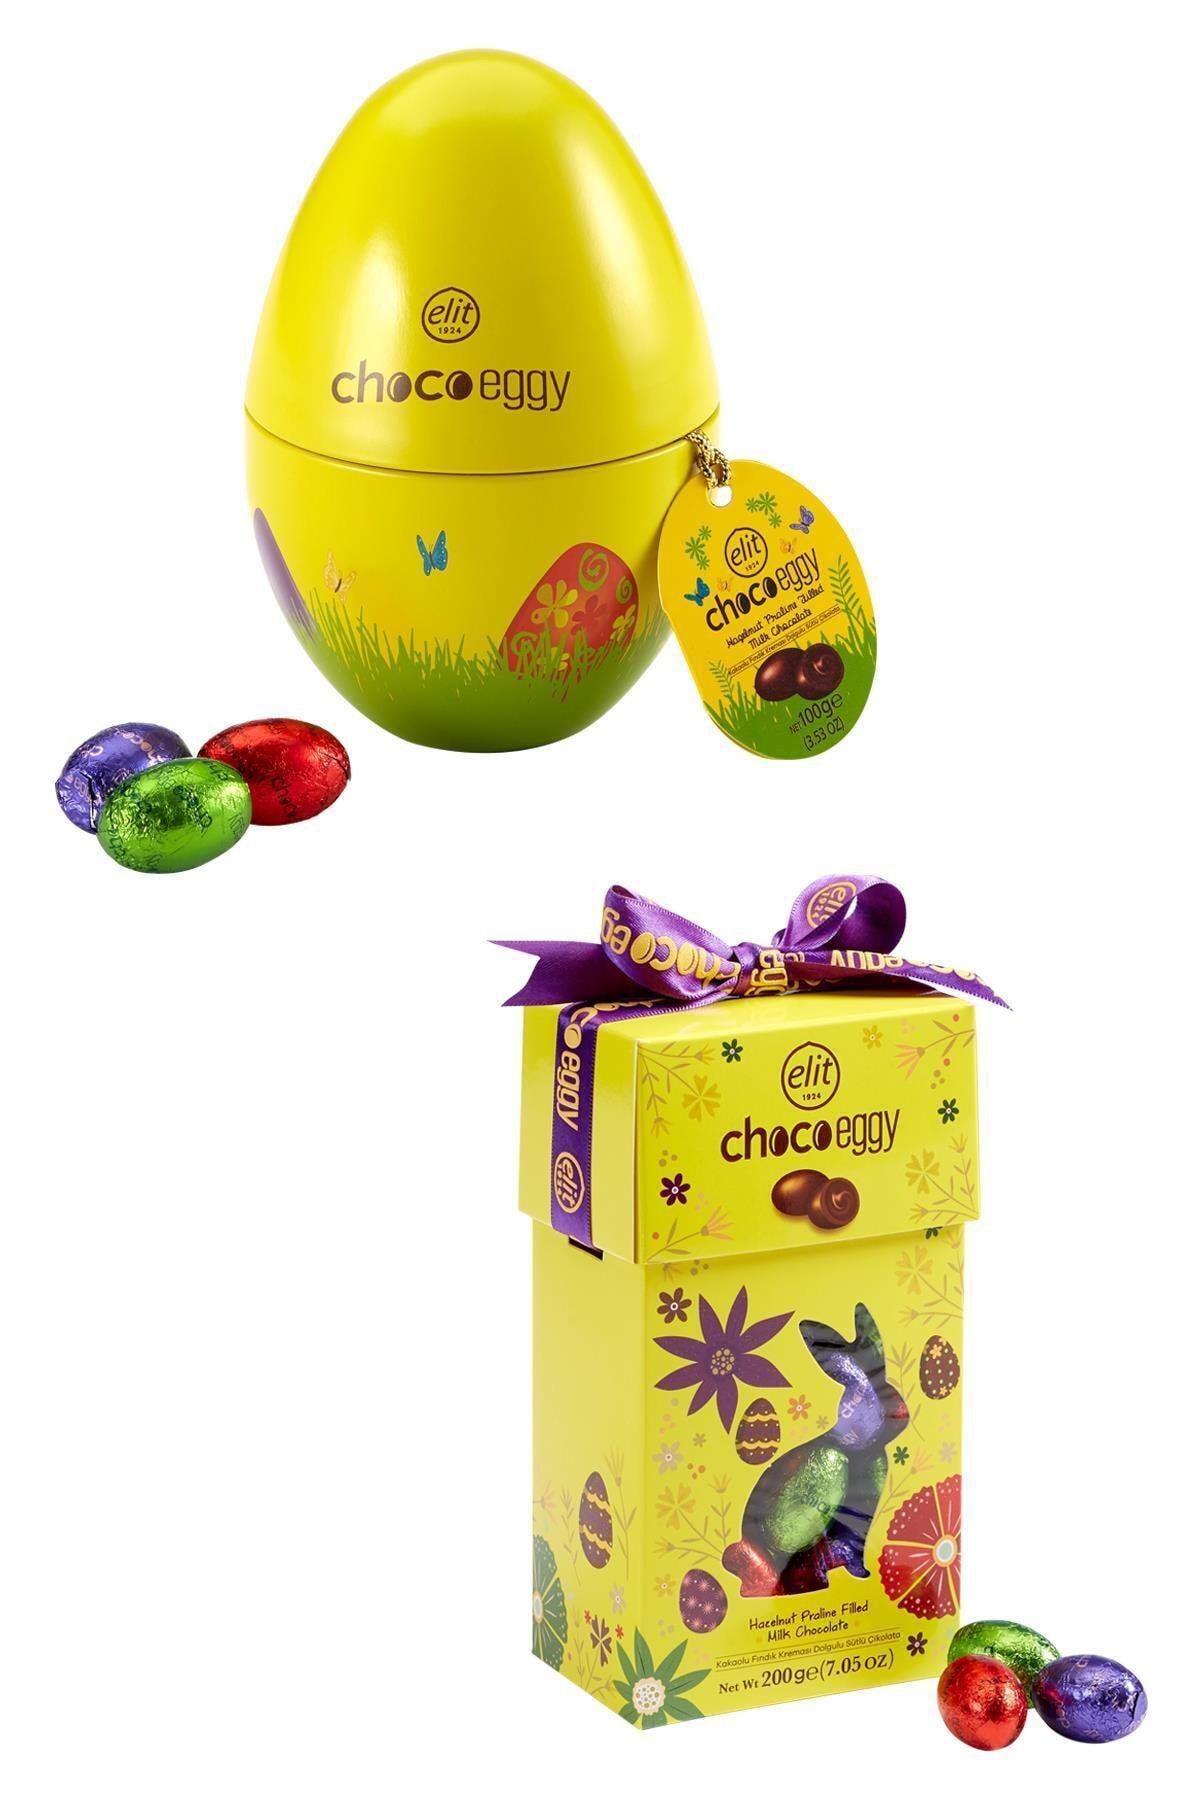 Elit Çikolata Chocoeggy Yumurta Çikolata 2'li Set 1